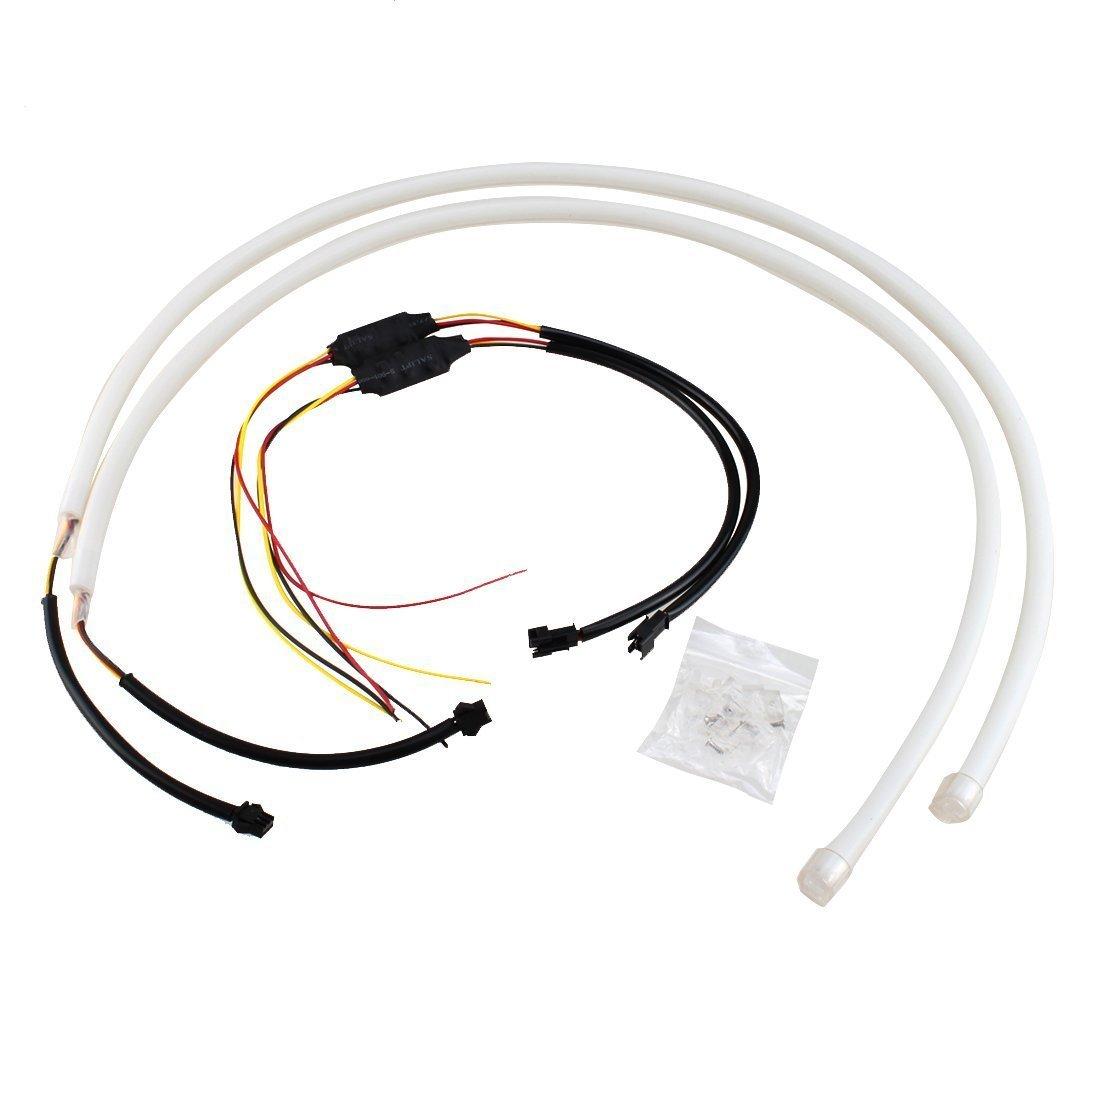 100% Wahr Dual Farbe Weiß-bernstein Auto Switch Led Rohr Lichtband Scheinwerfer Drl Tagfahrlicht Für Audi Stil Rohr (2x30 Cm) Komplette Artikelauswahl